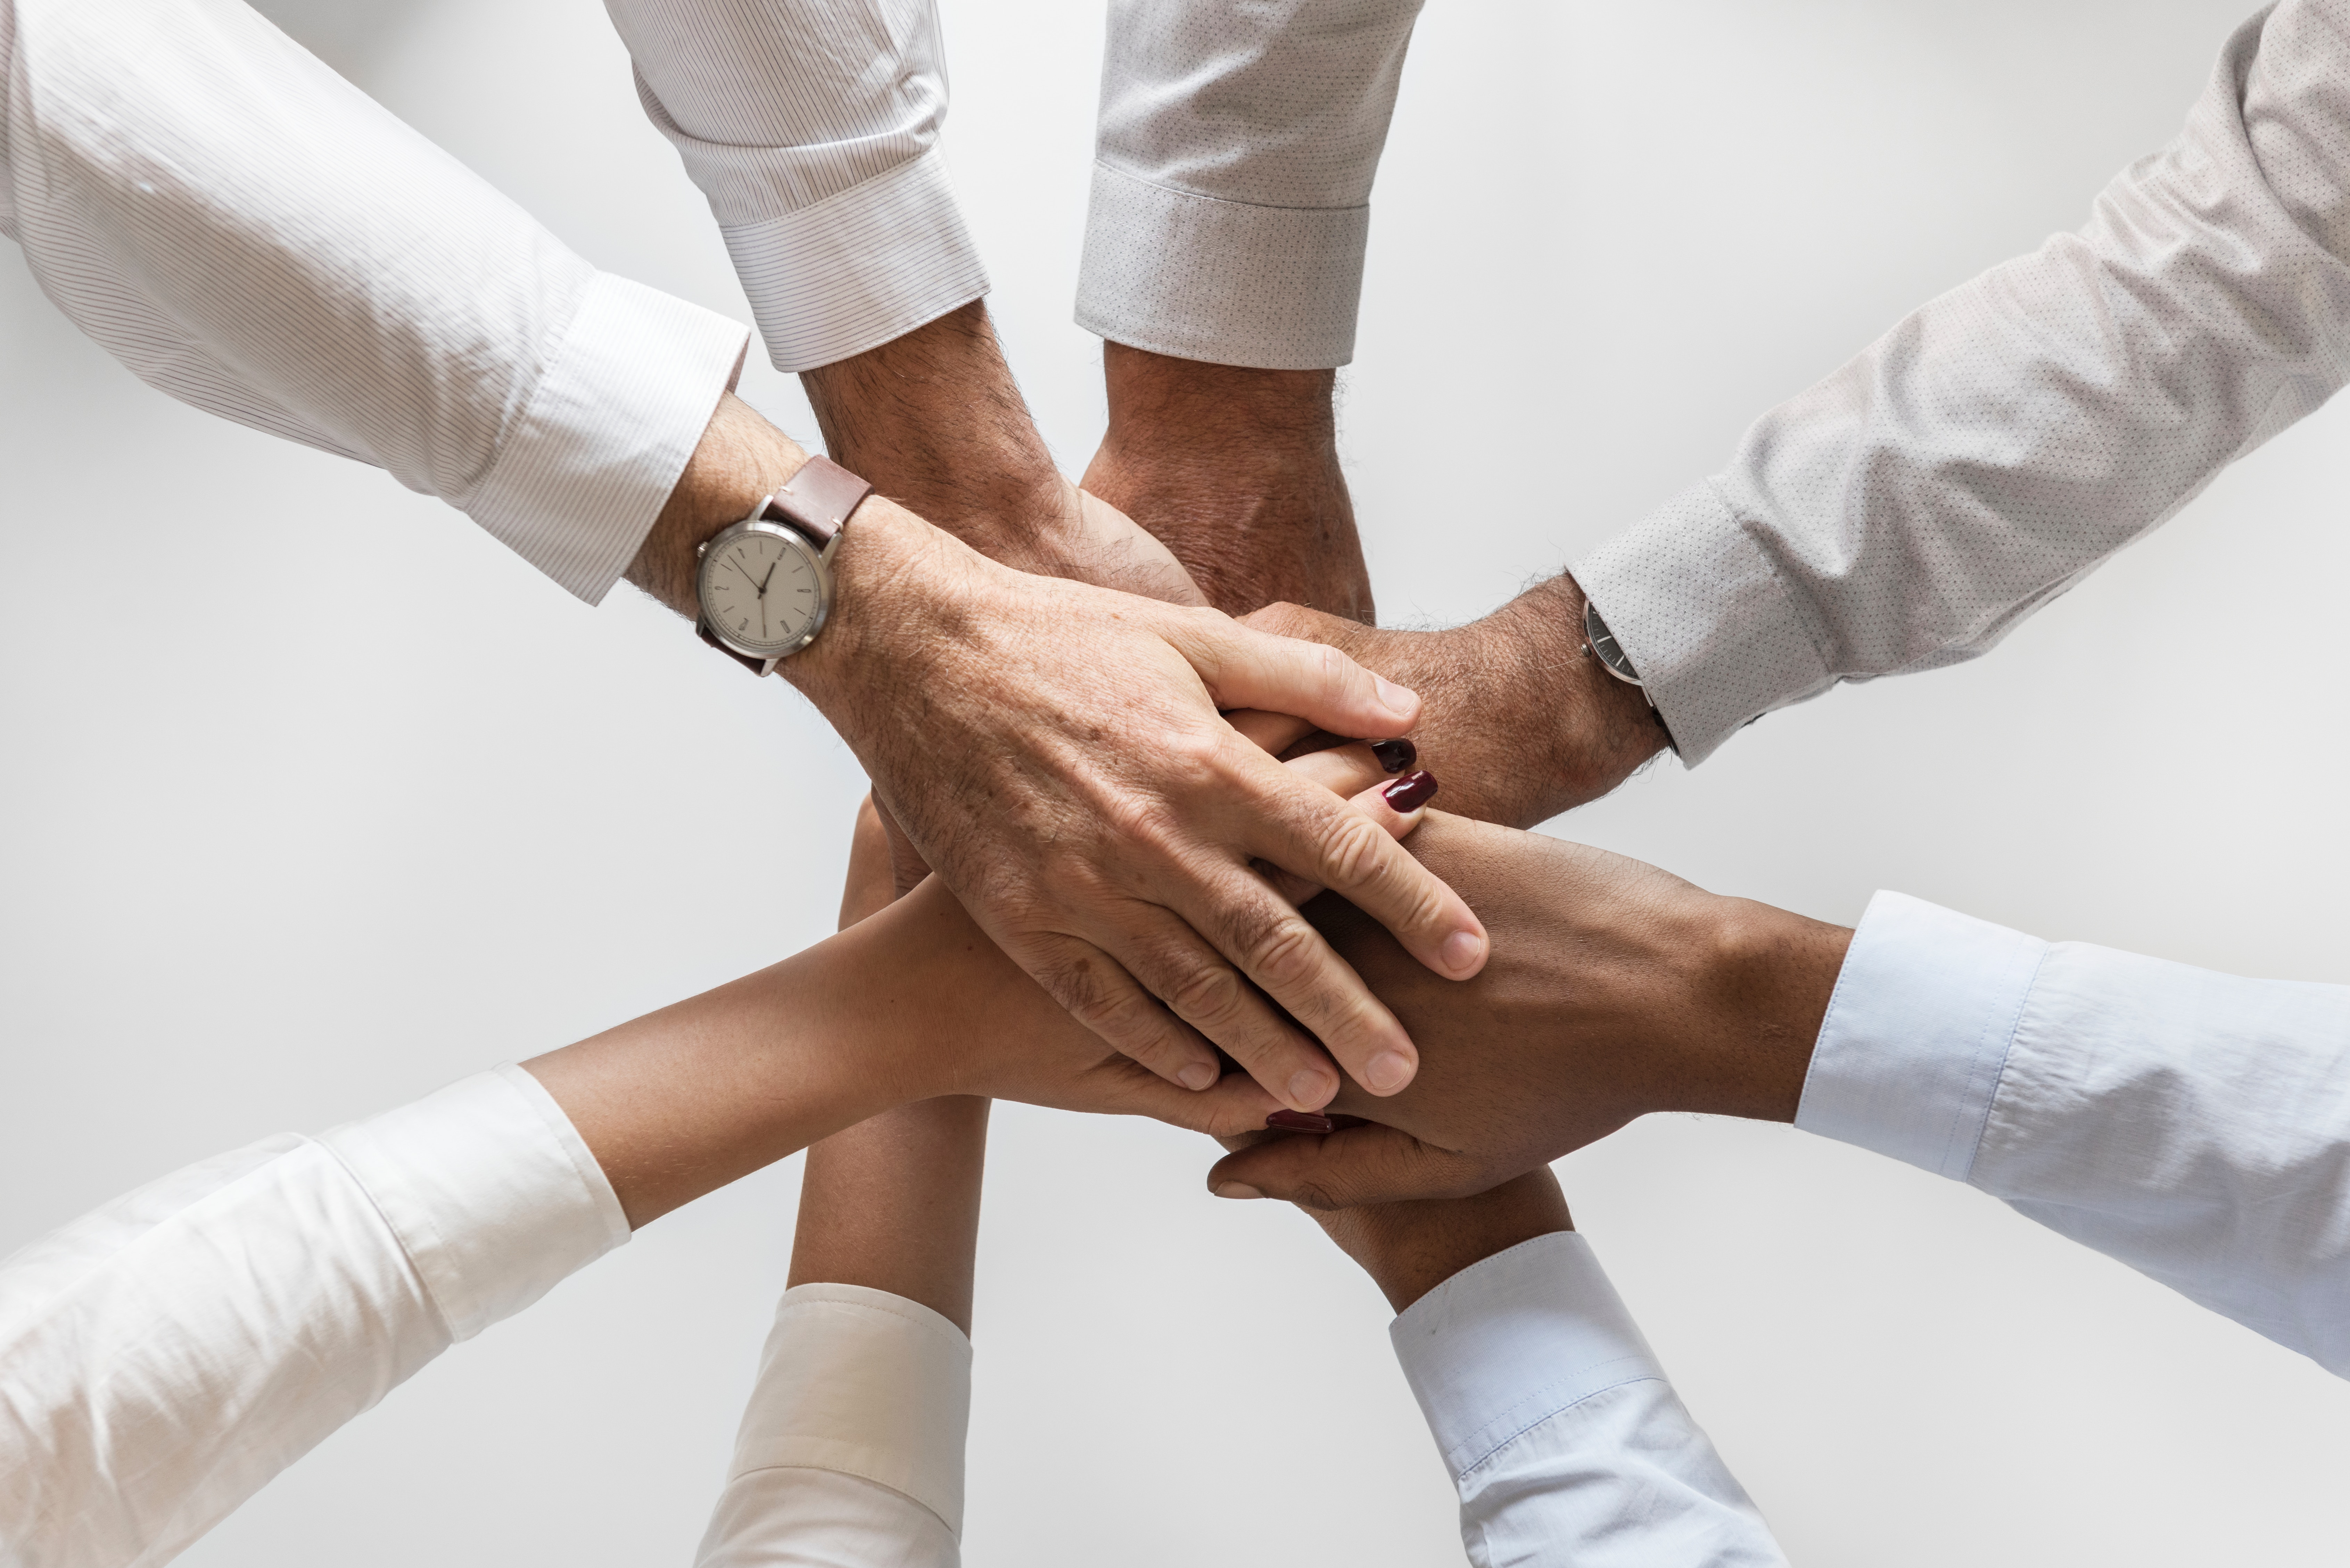 Eine Gruppe von Menschen halten Hände zusammen